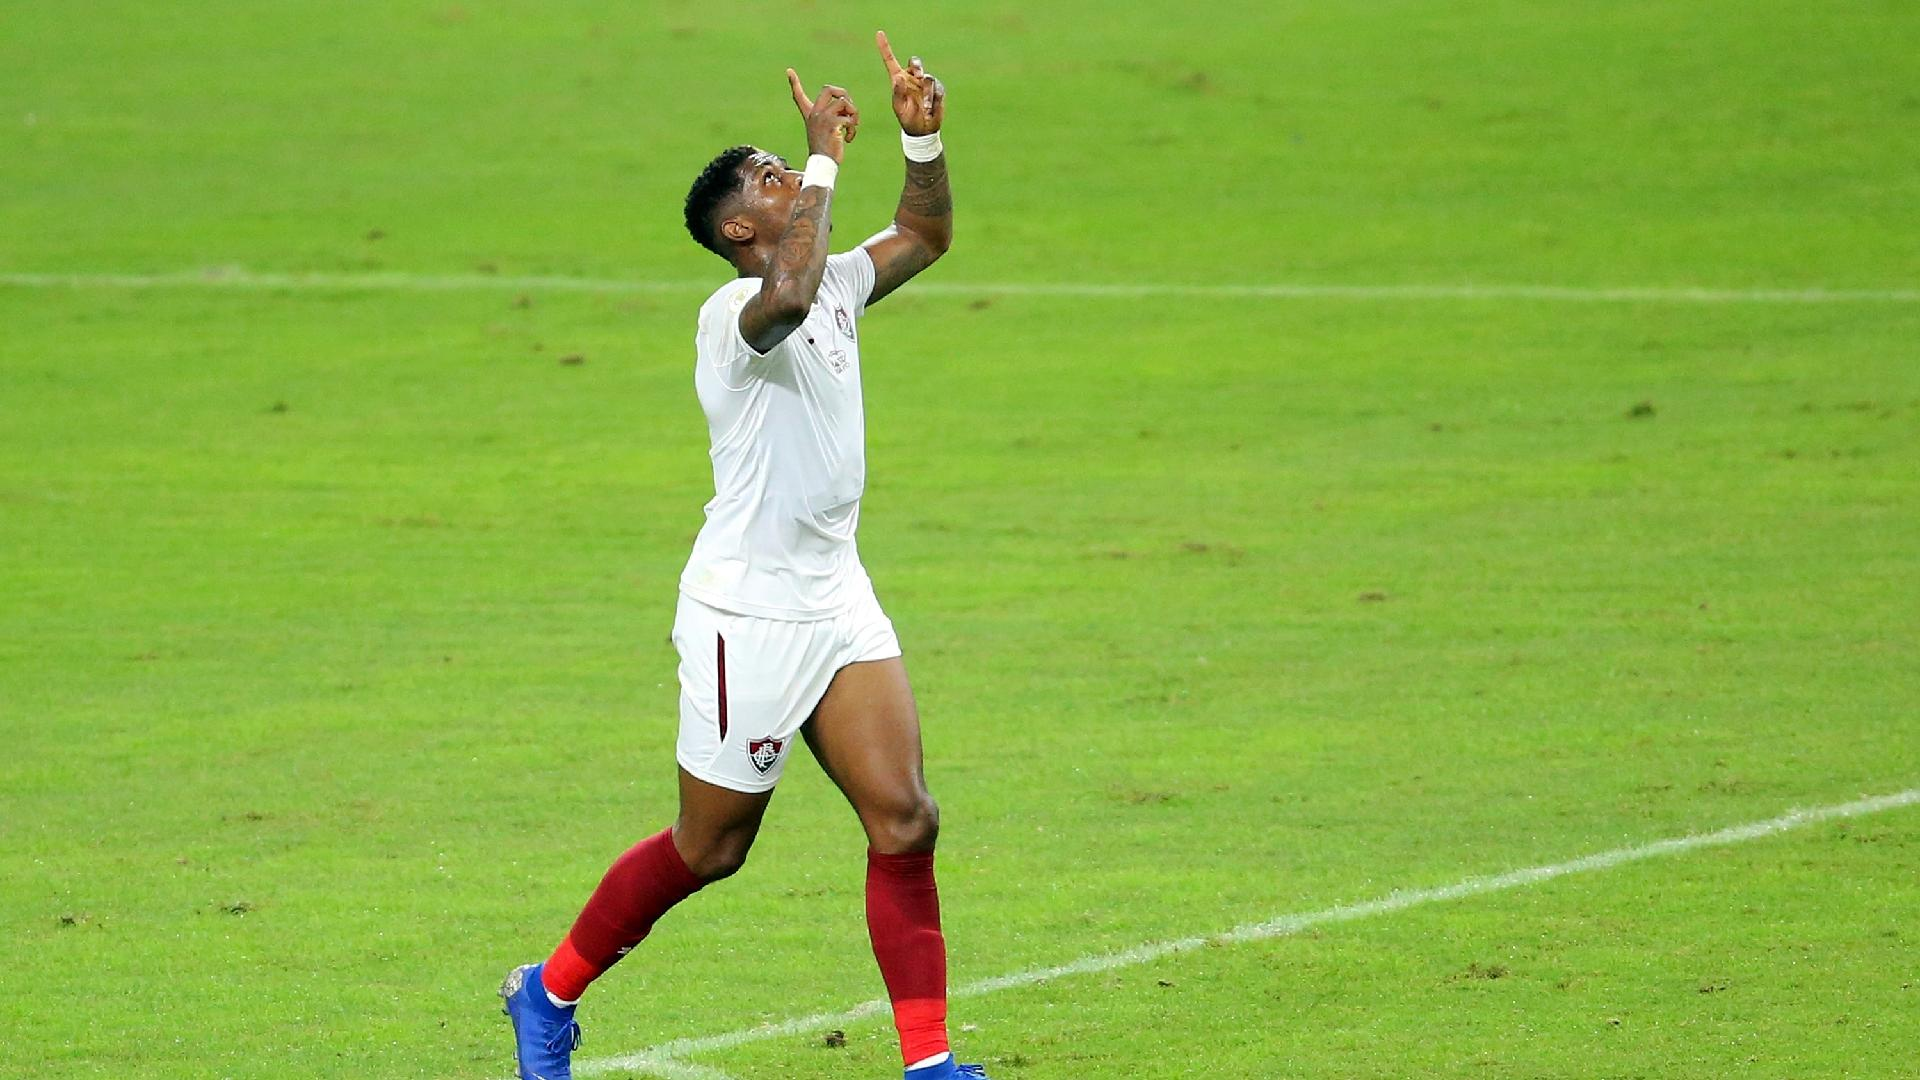 Yony González comemora o primeiro gol do Fluminense contra o Grêmio